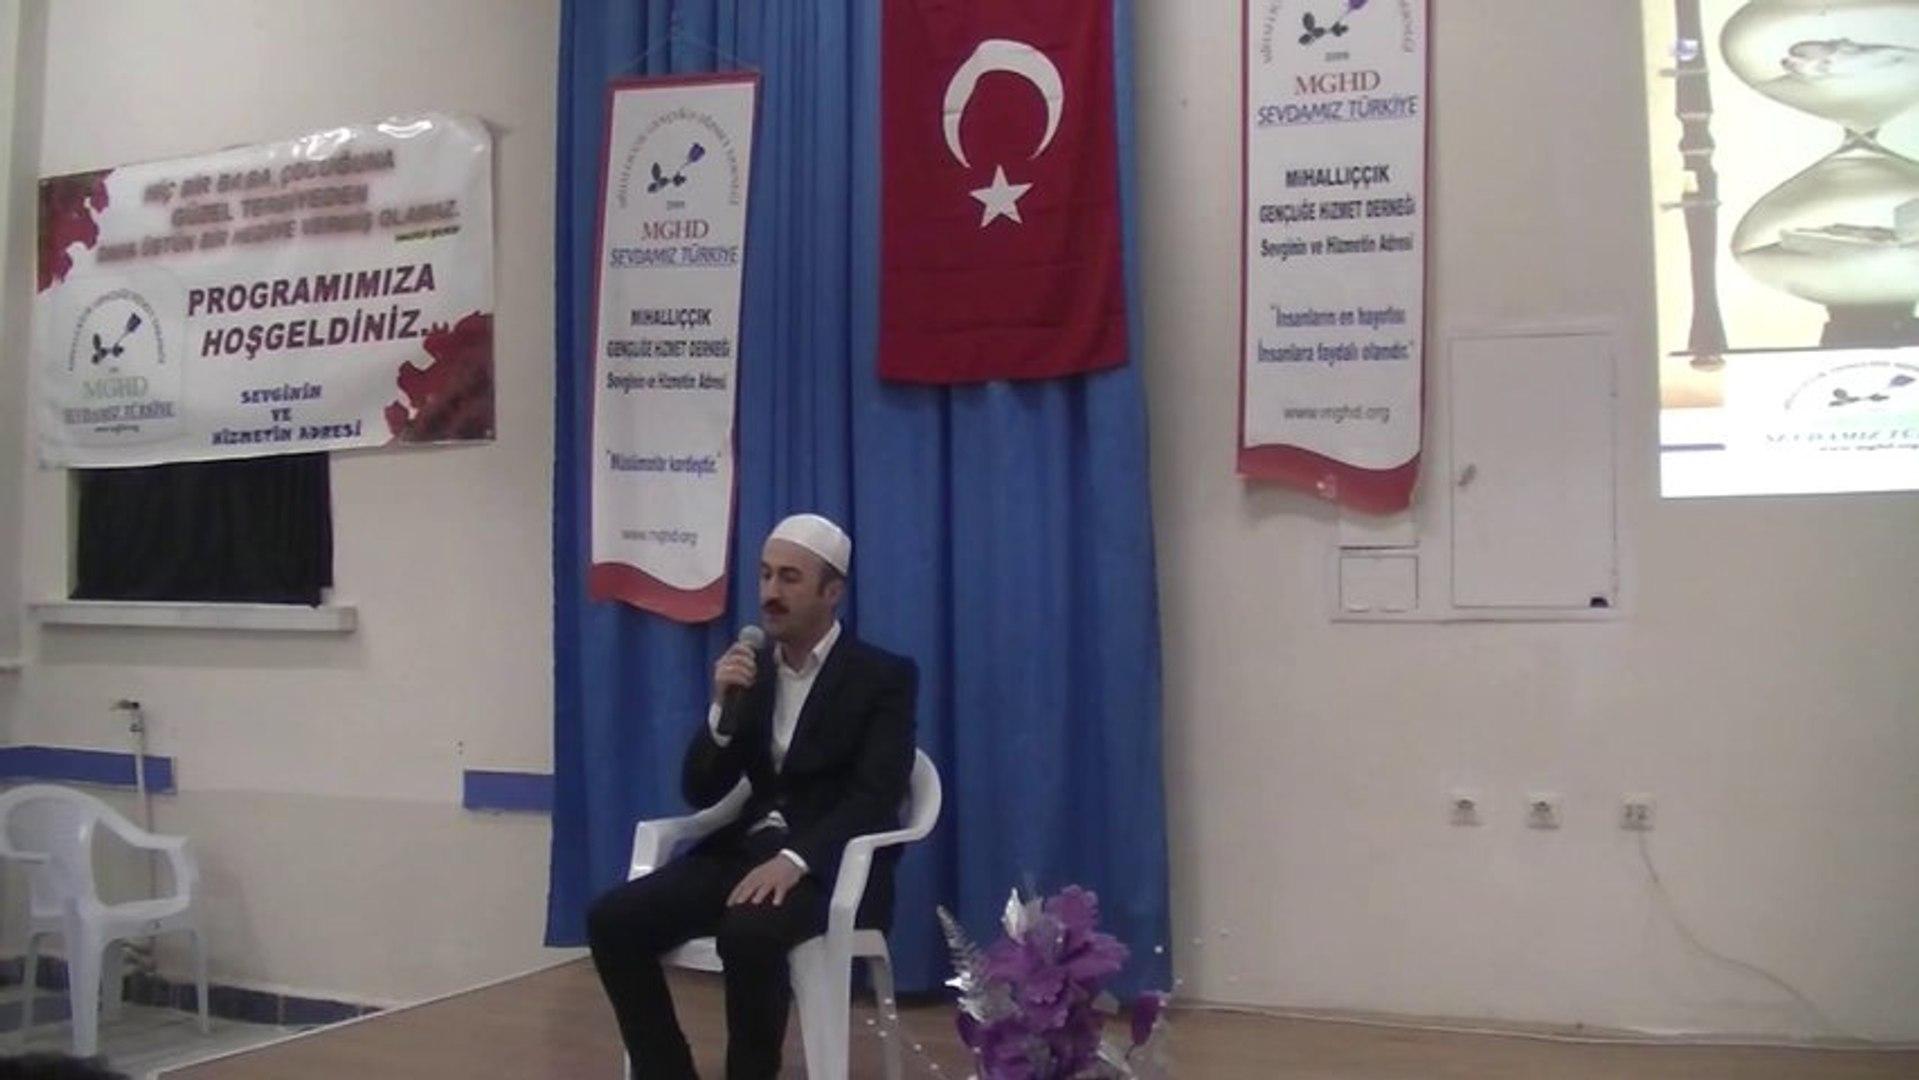 İslamda Aile Ve Çocuk Eğitimi Mihalıççık Gençliğe Hizmet Derneği Kuranı Kerim Tİlaveti